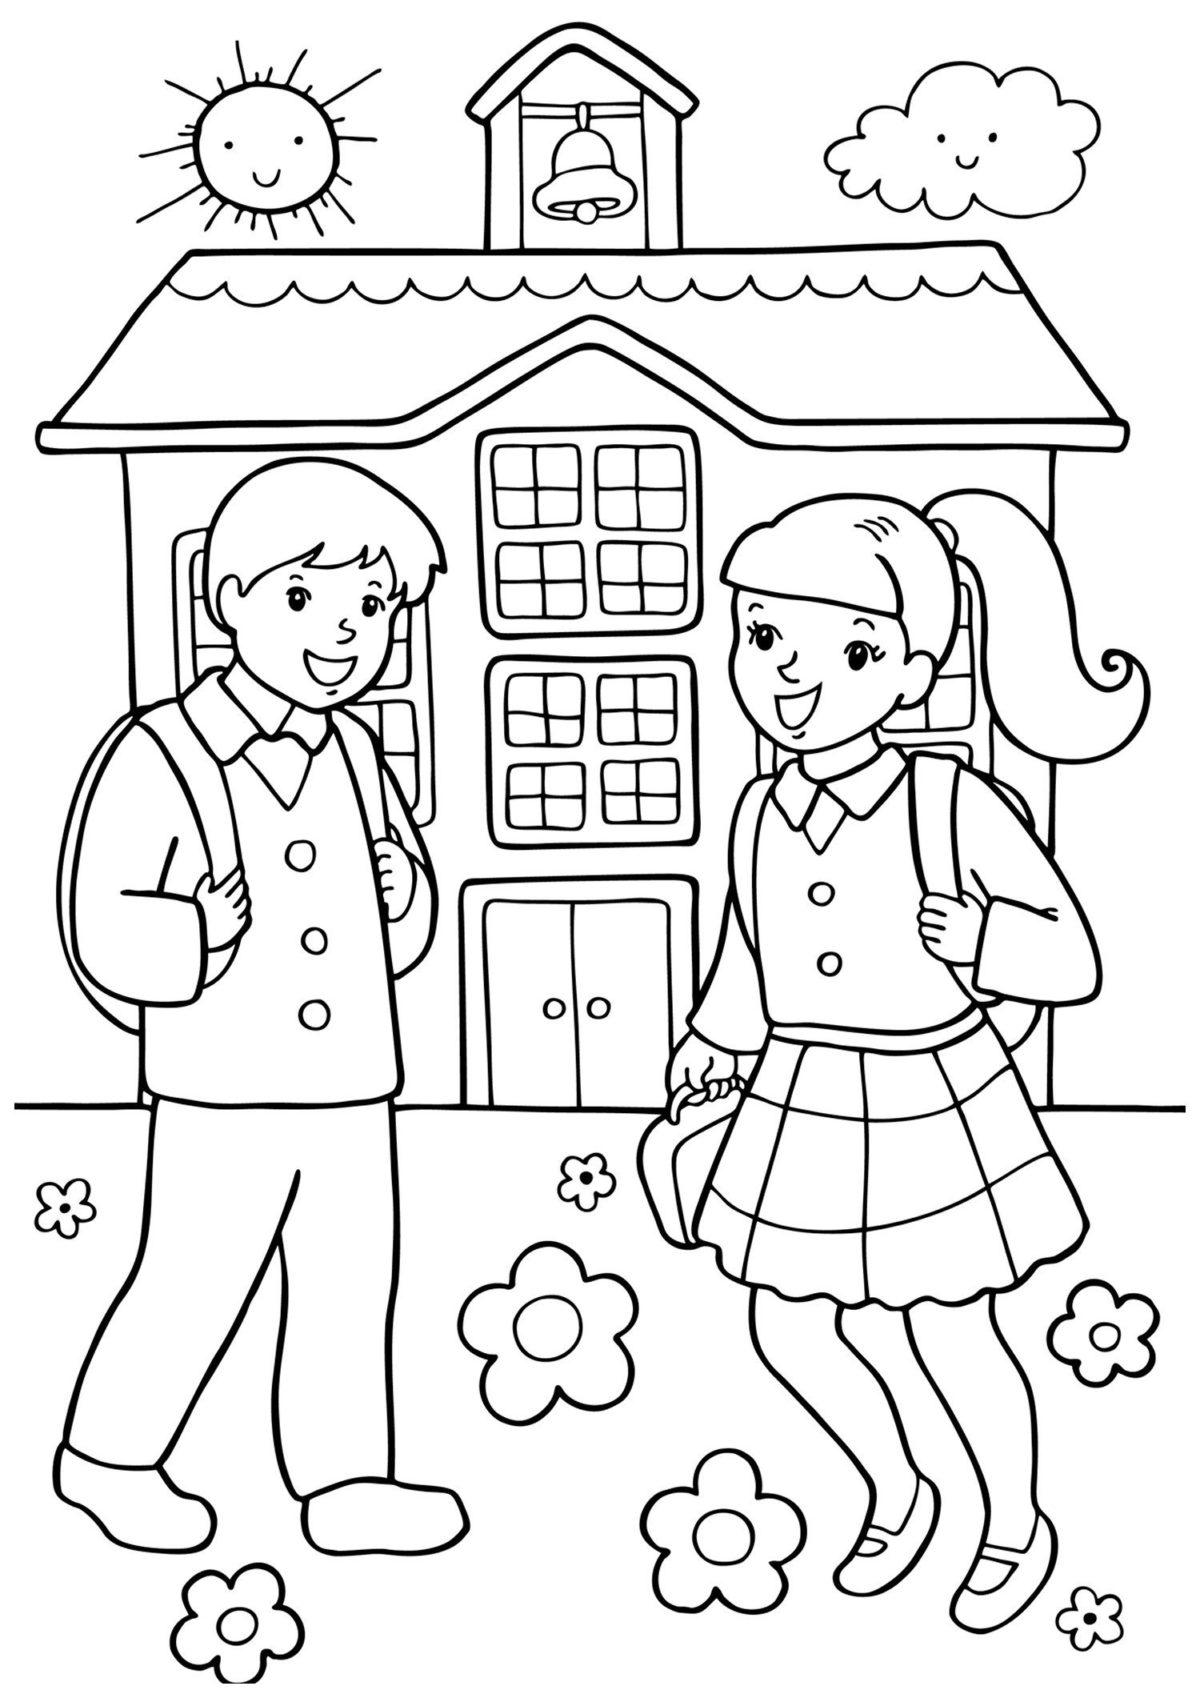 Первоклассники - Картинка для раскрашивания красками-гуашью